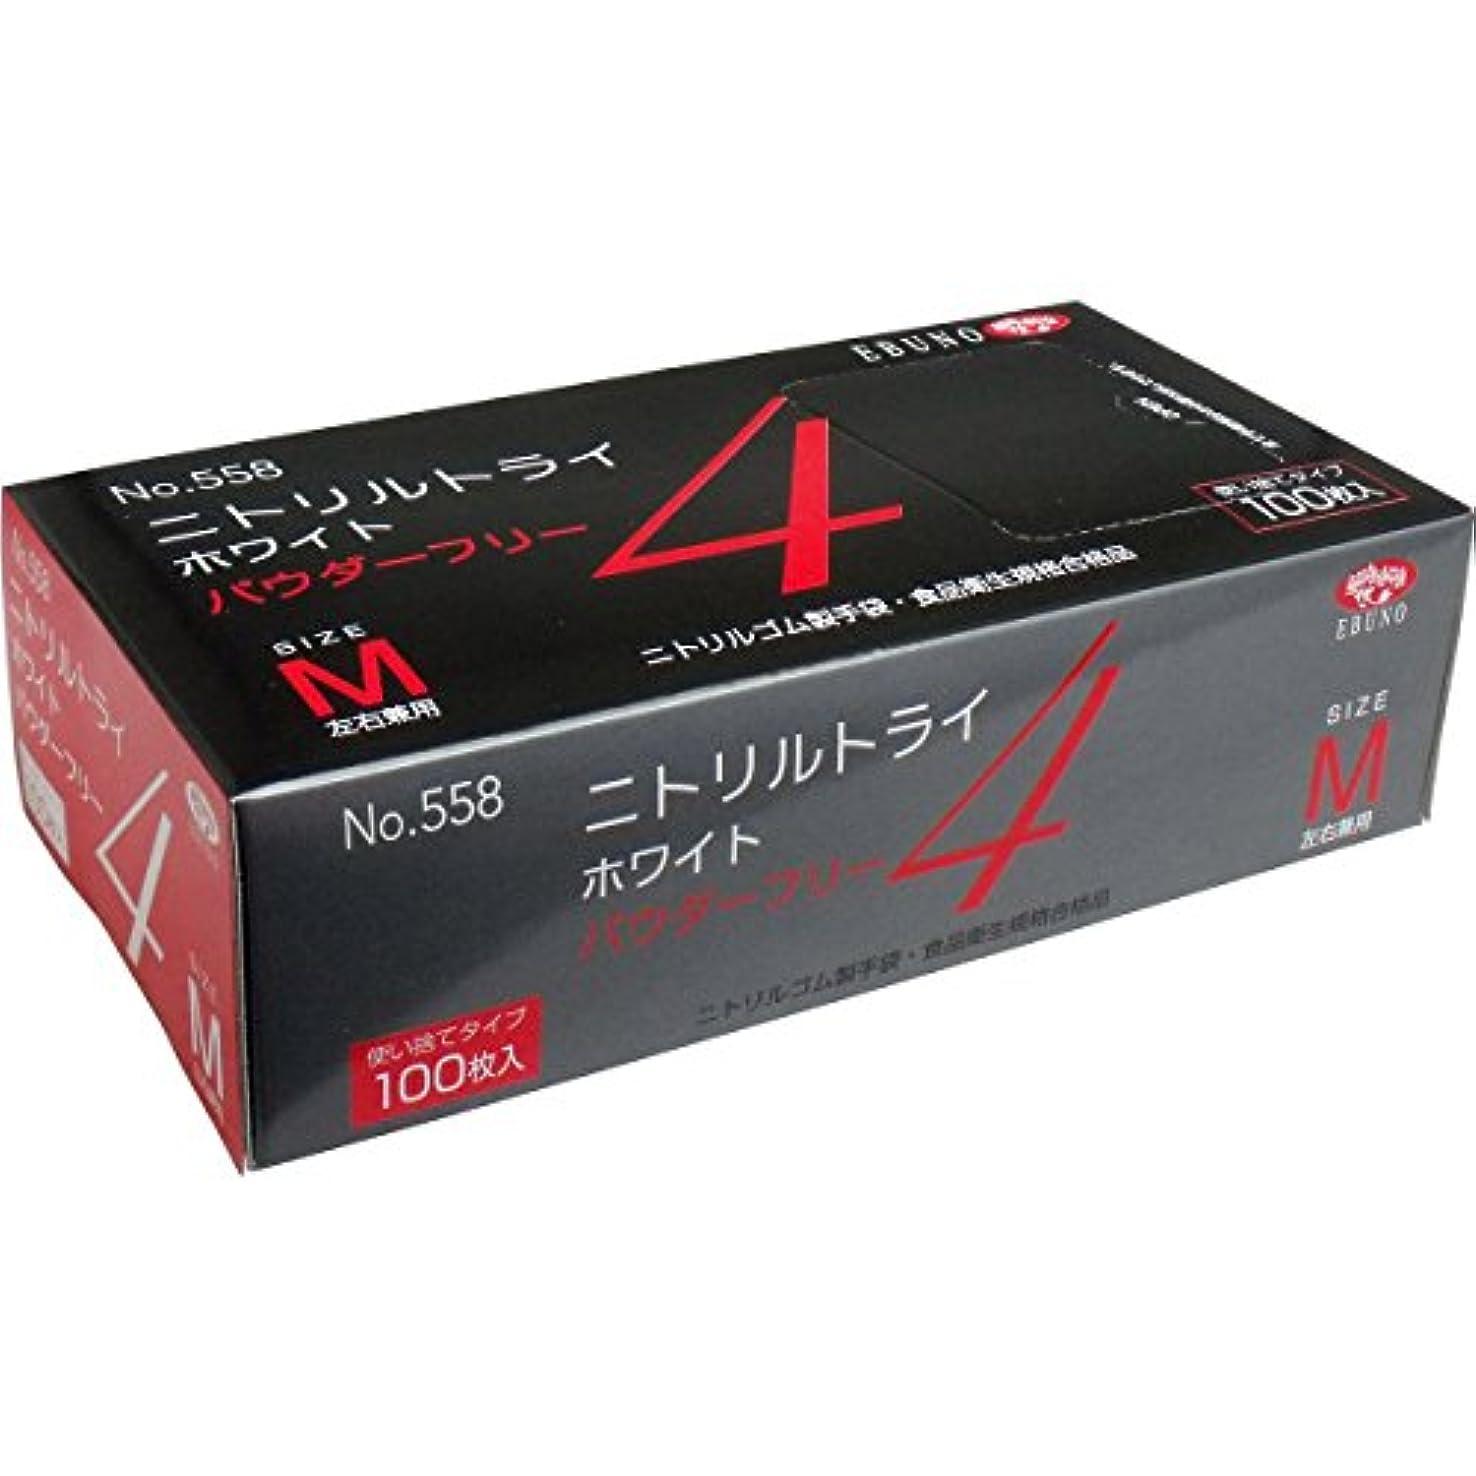 団結週末ロック解除ニトリルトライ4 手袋 ホワイト パウダーフリー Mサイズ 100枚入(単品)